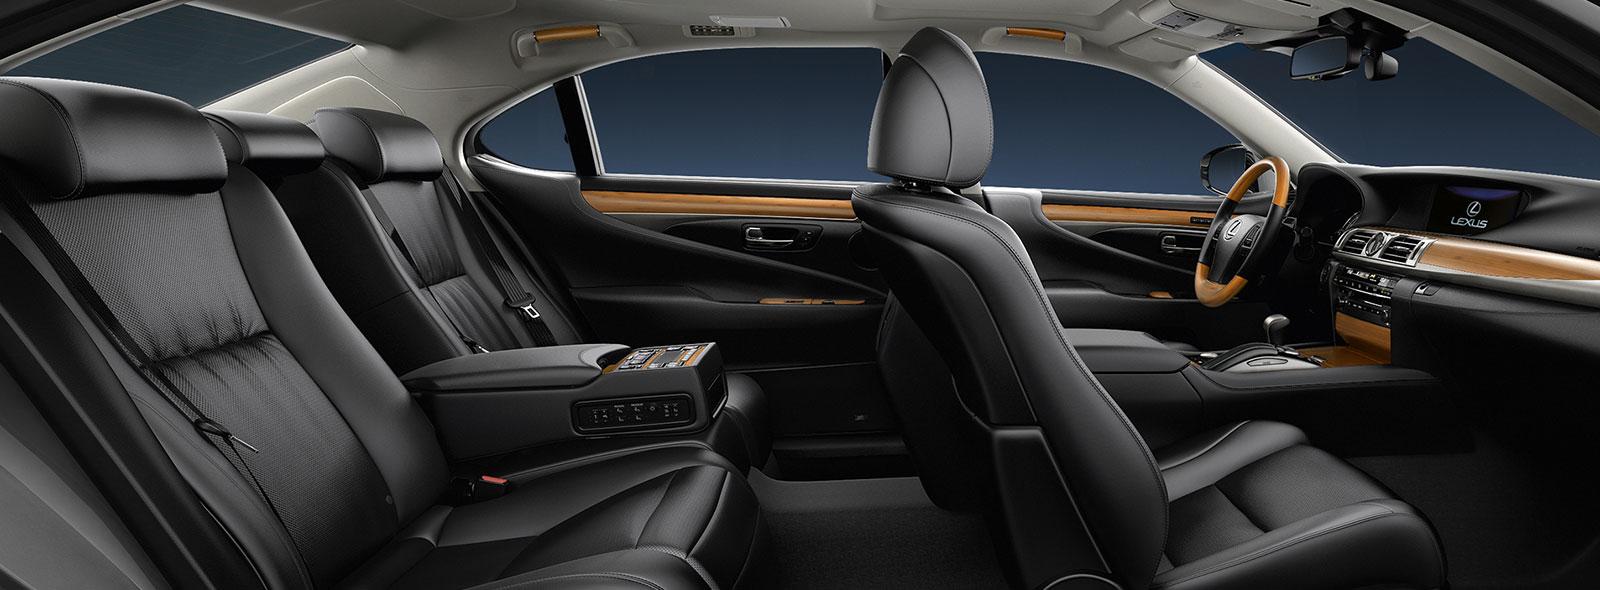 Lexus LS 600h L Hybrid sisätilat